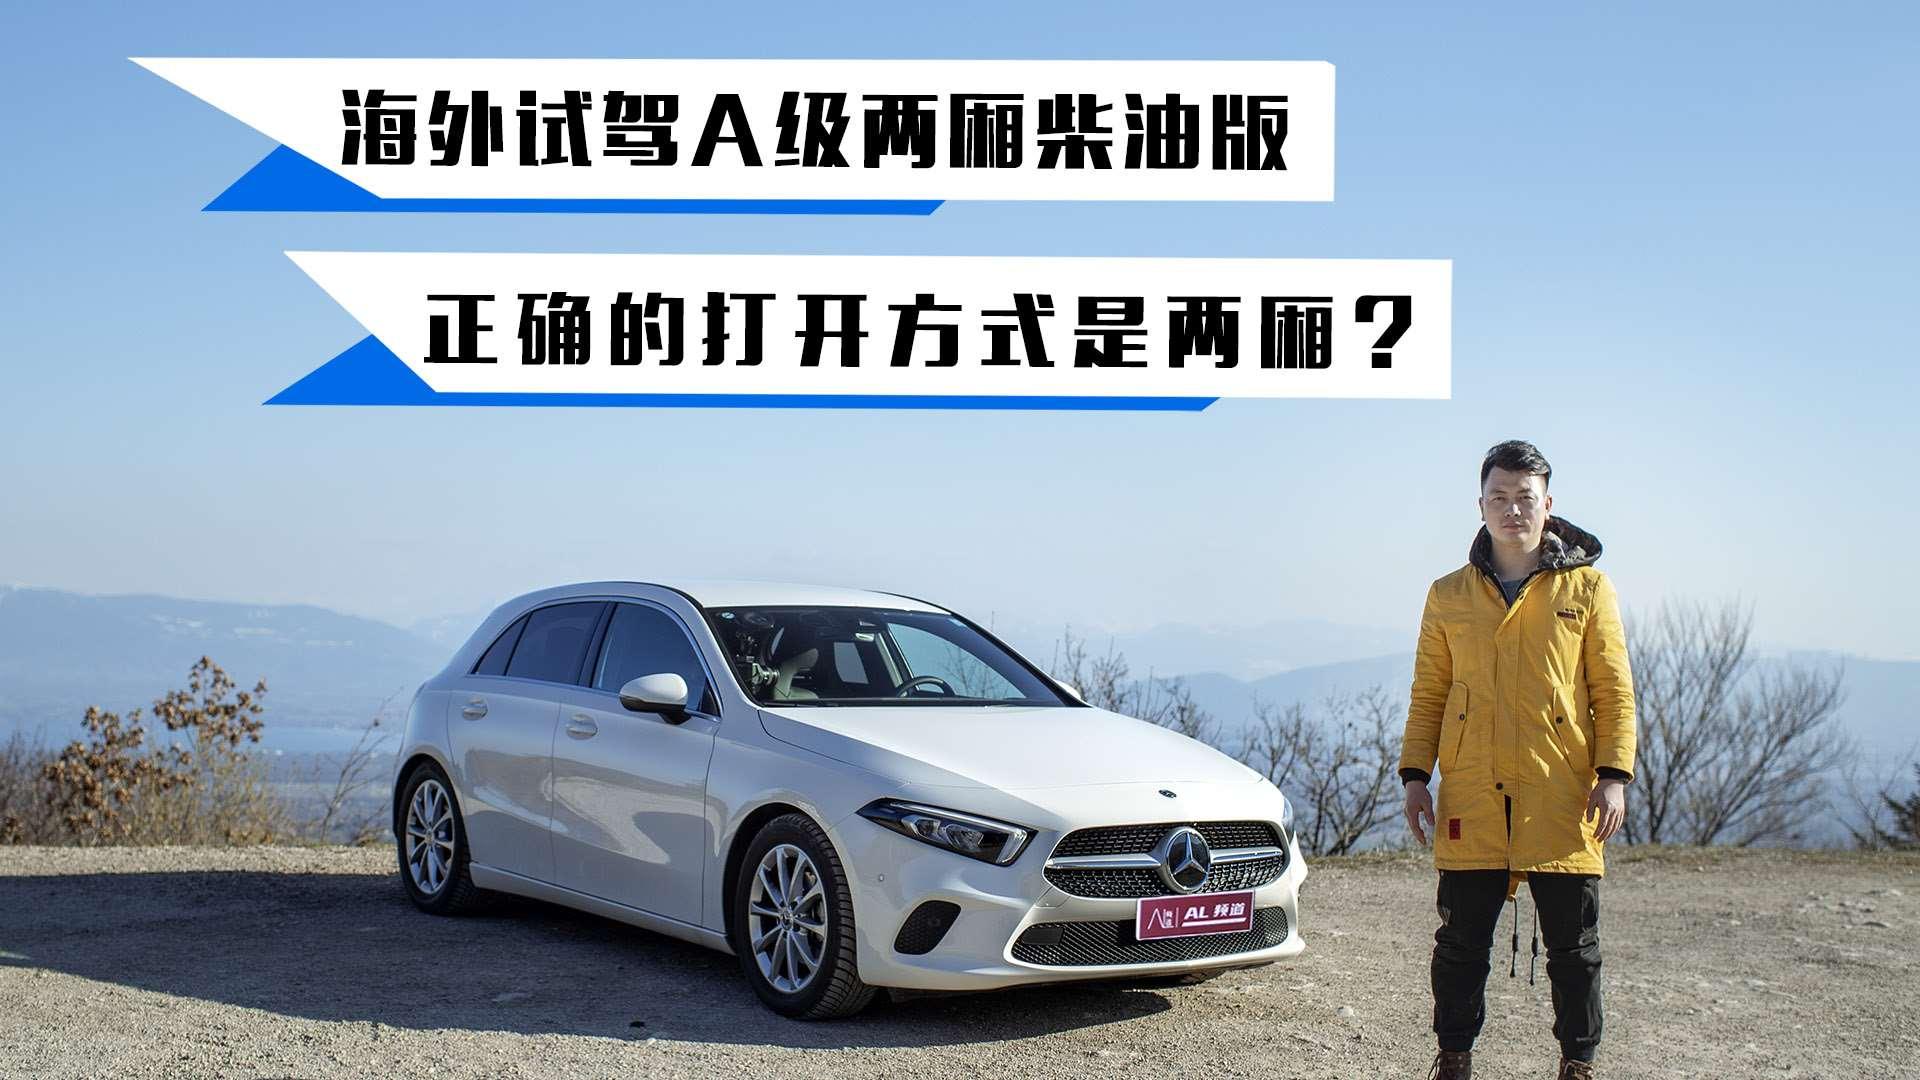 海外试驾A级两厢柴油版,正确的打开方式是两厢?